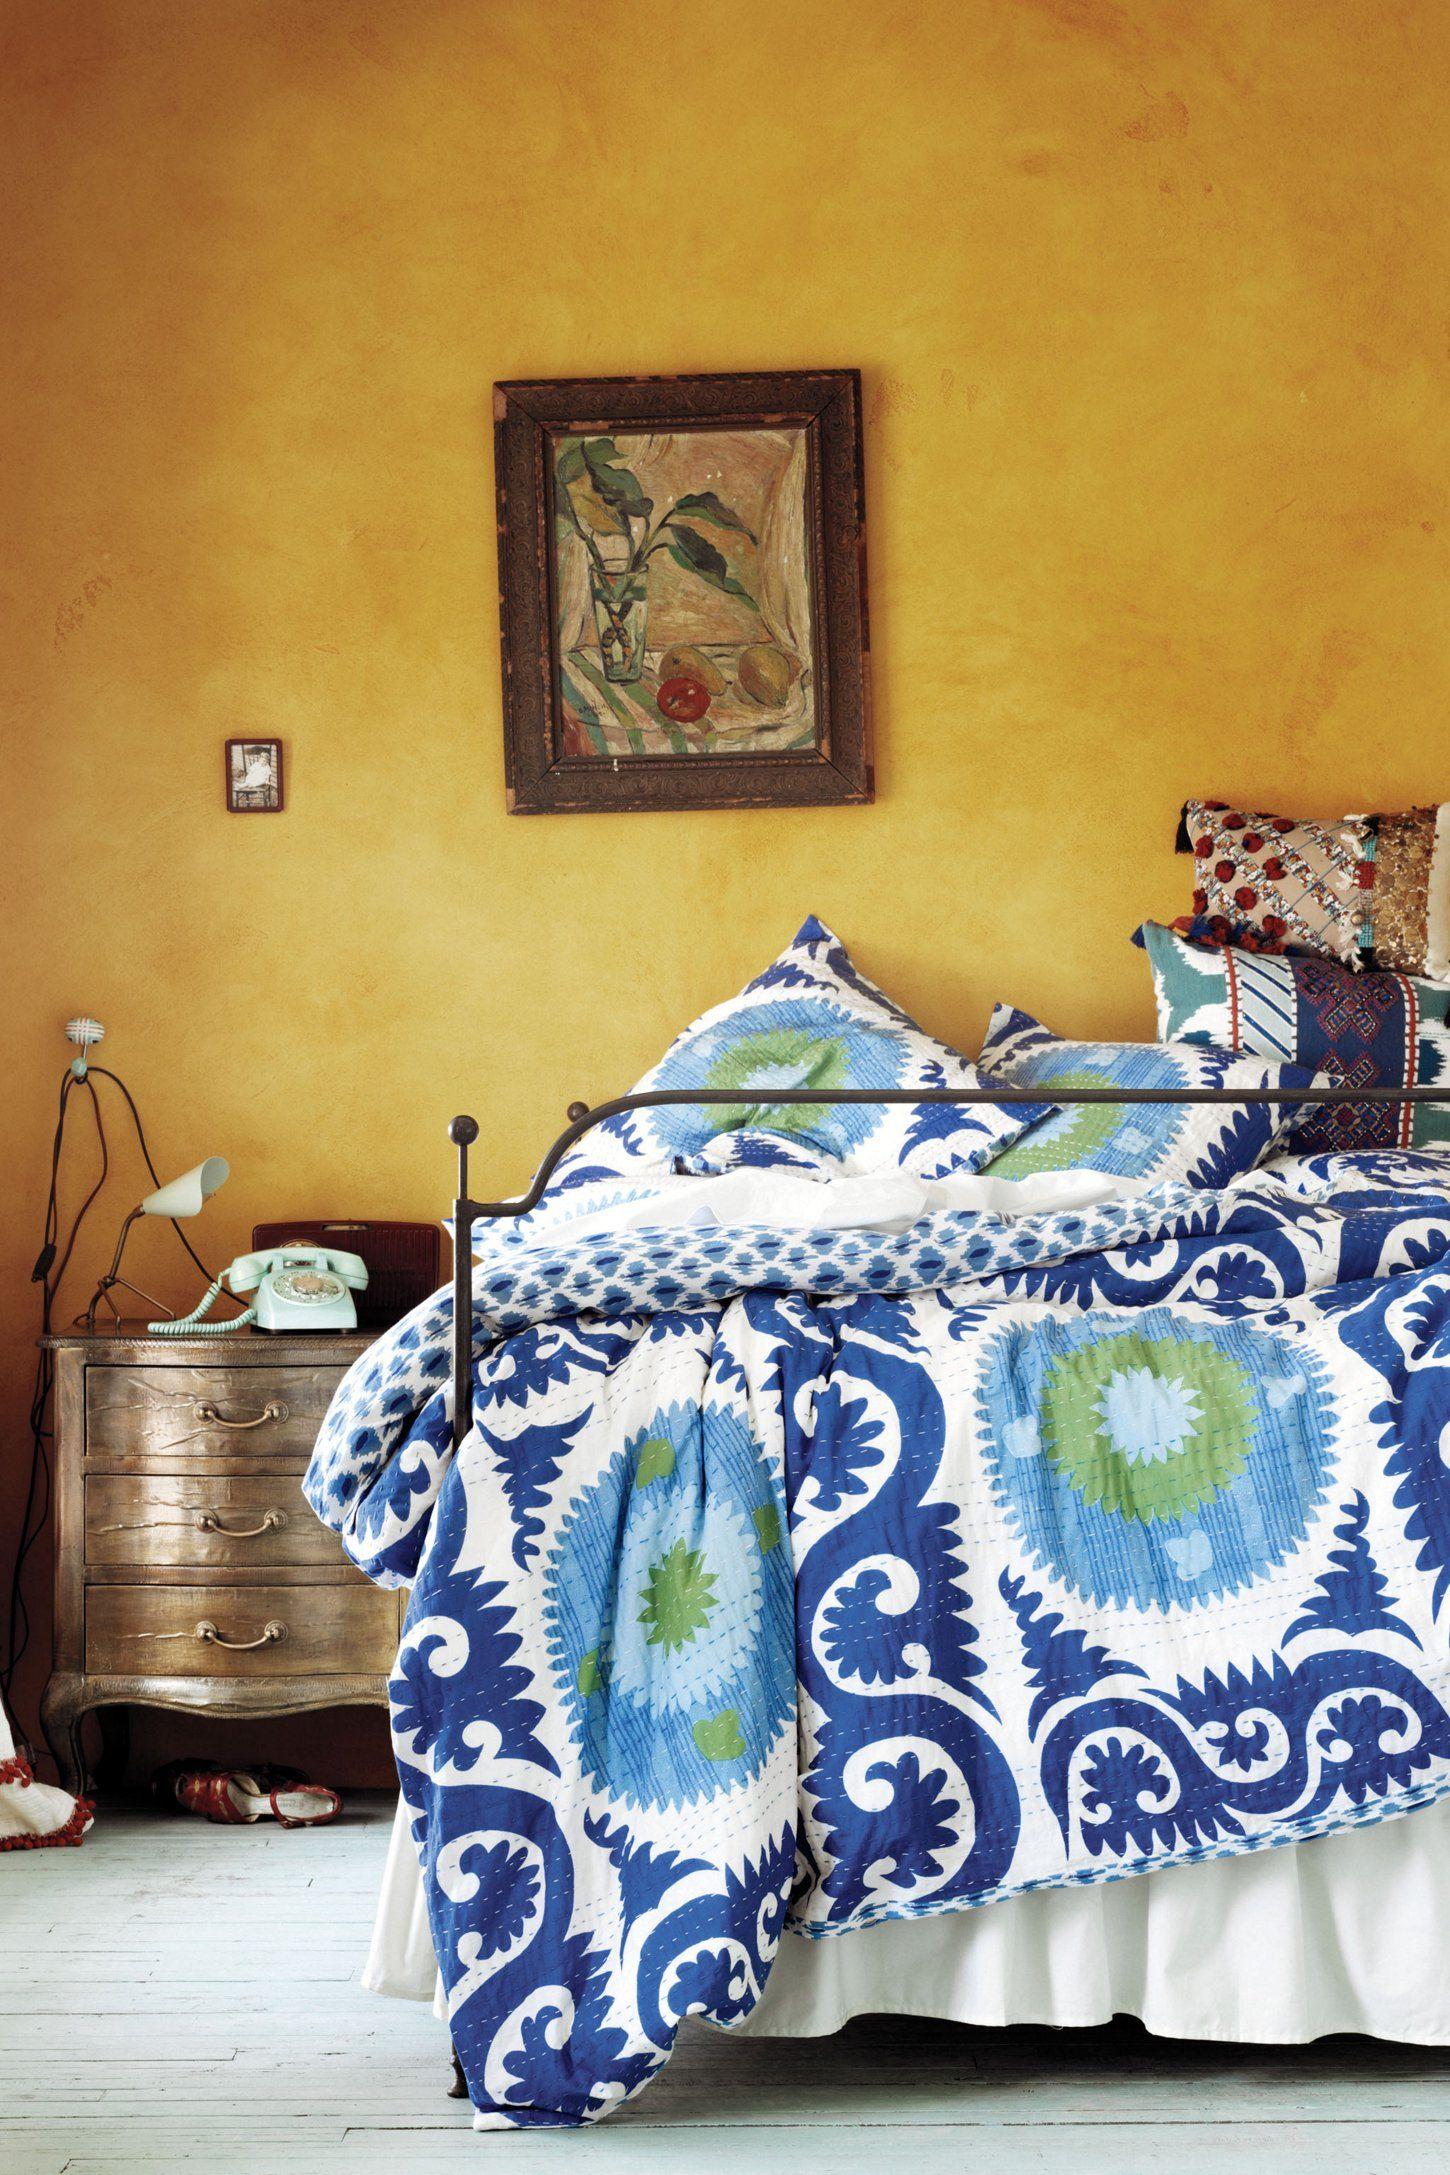 YalovaDuvet #Anthropologie | In the Bedroom | Pinterest ...